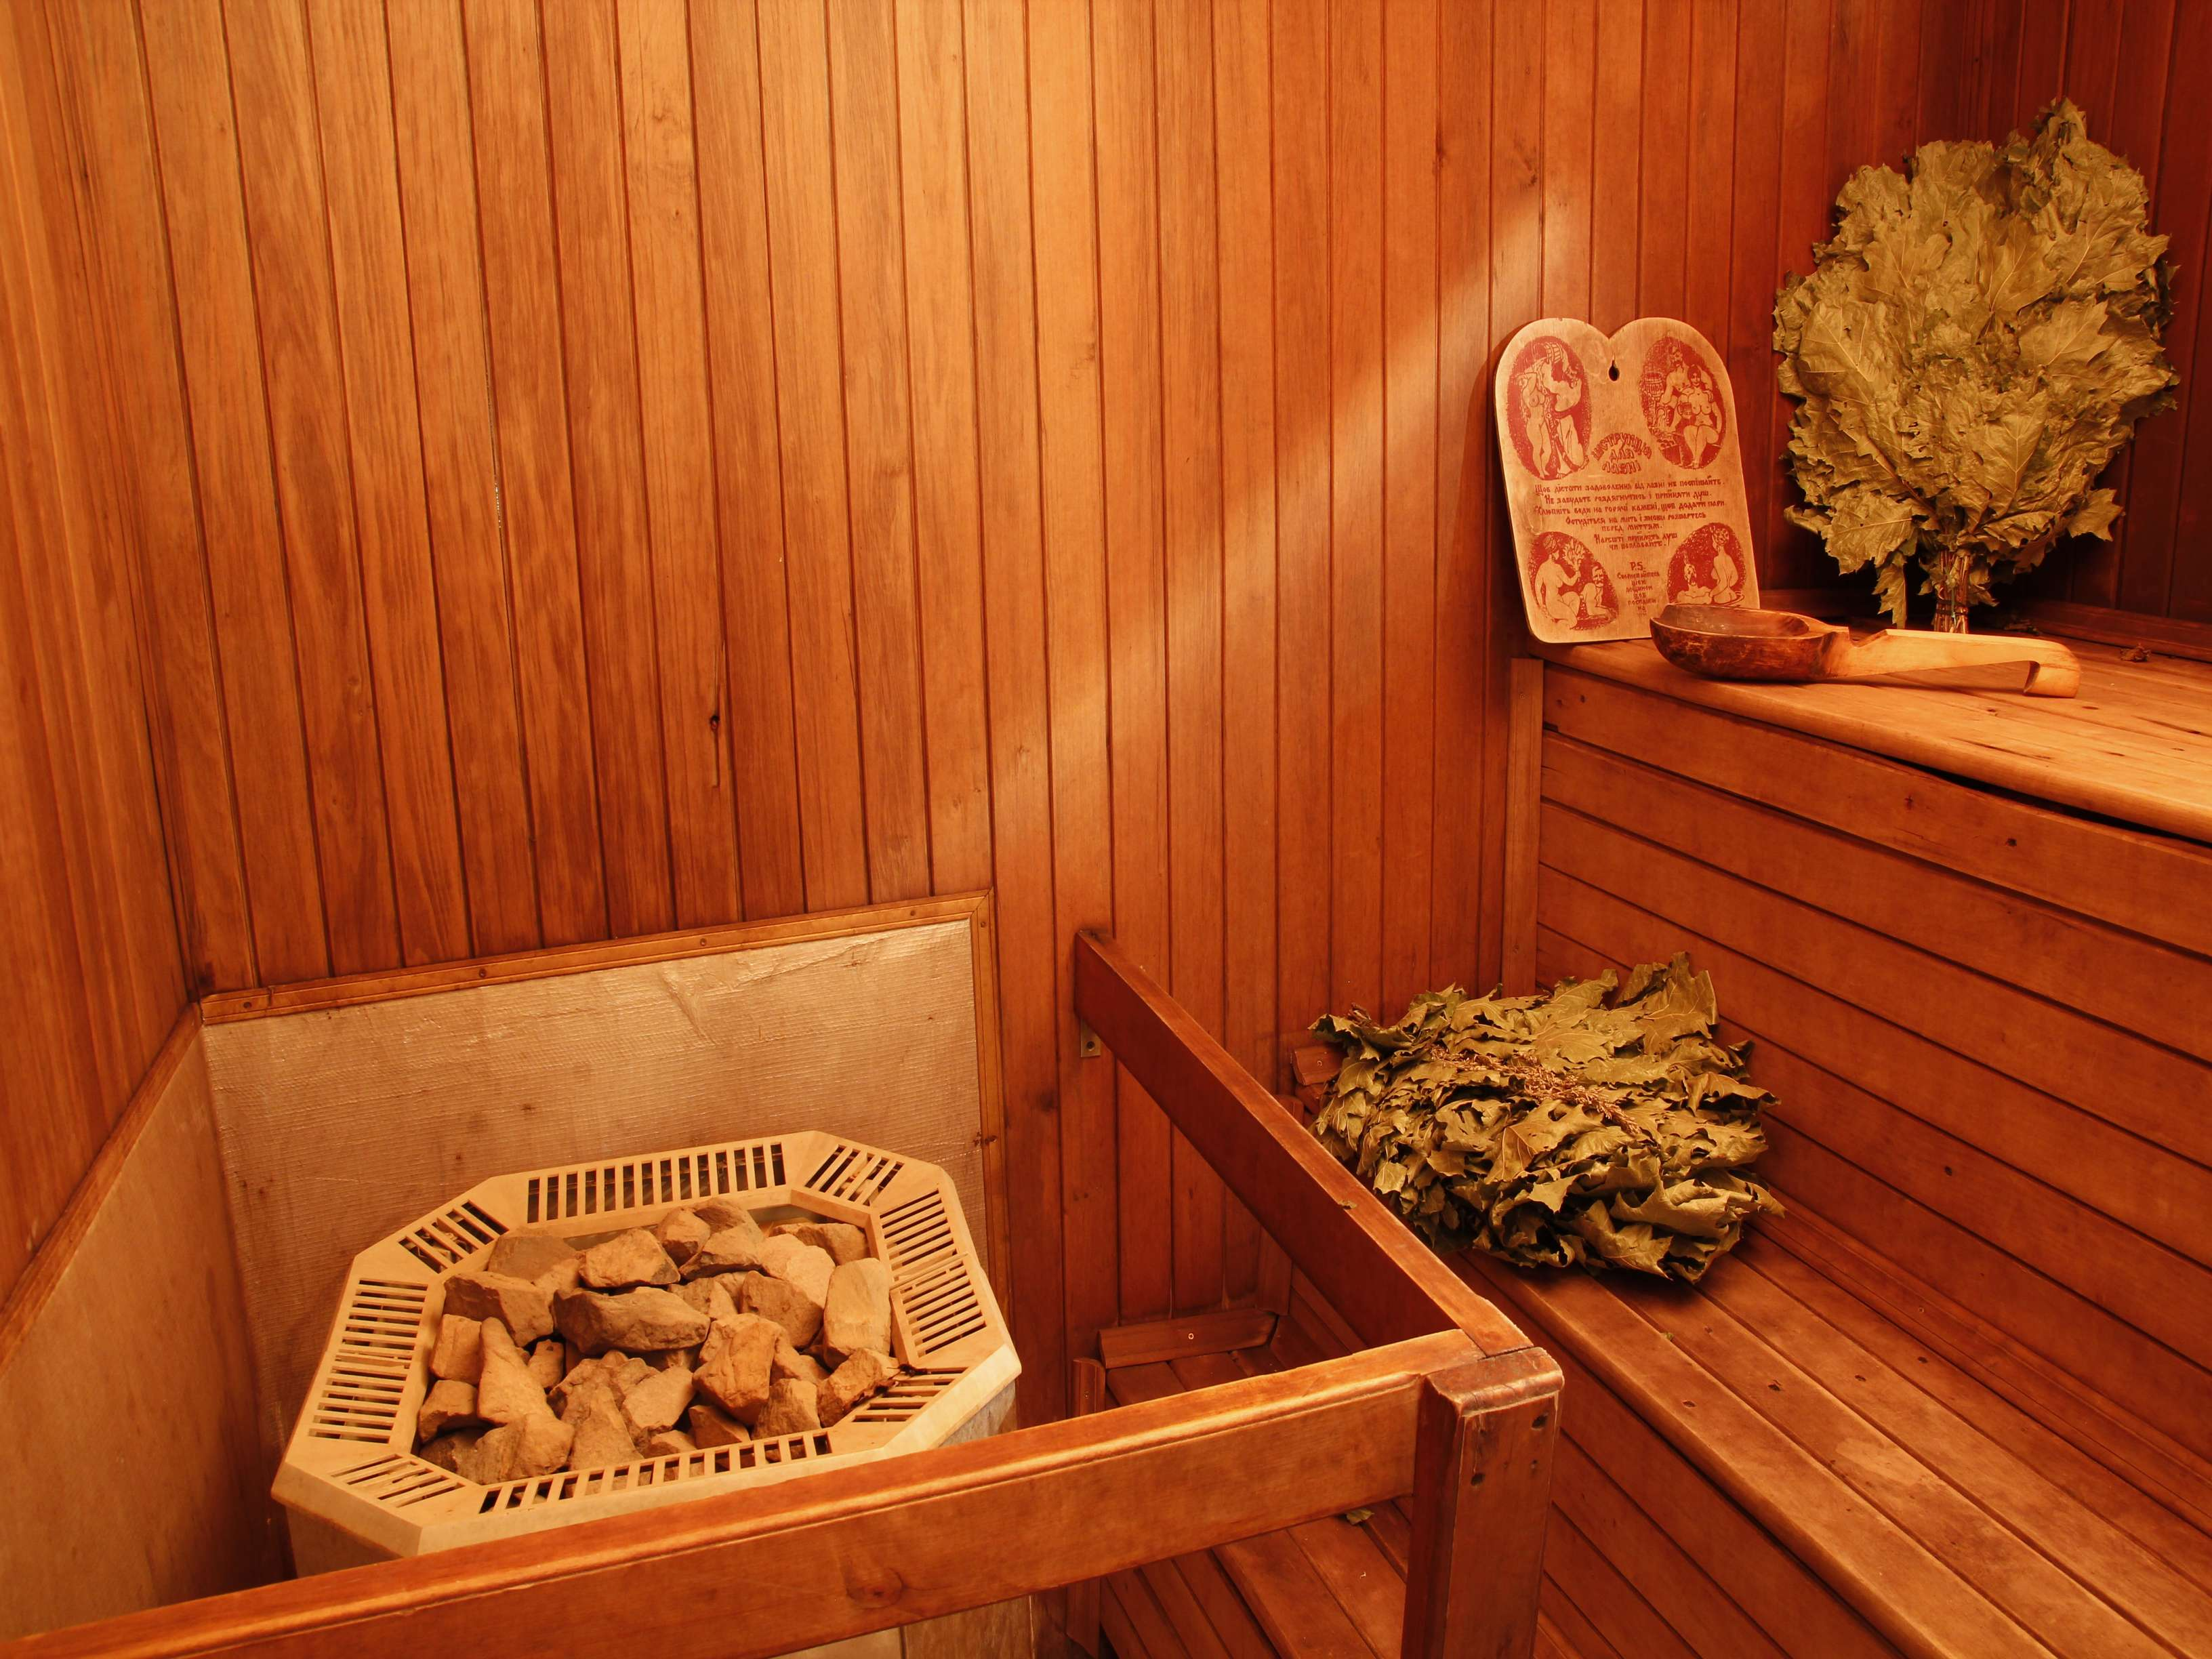 Мини-баня для дачи : как сделать маленькую баню своими руками: фото видео